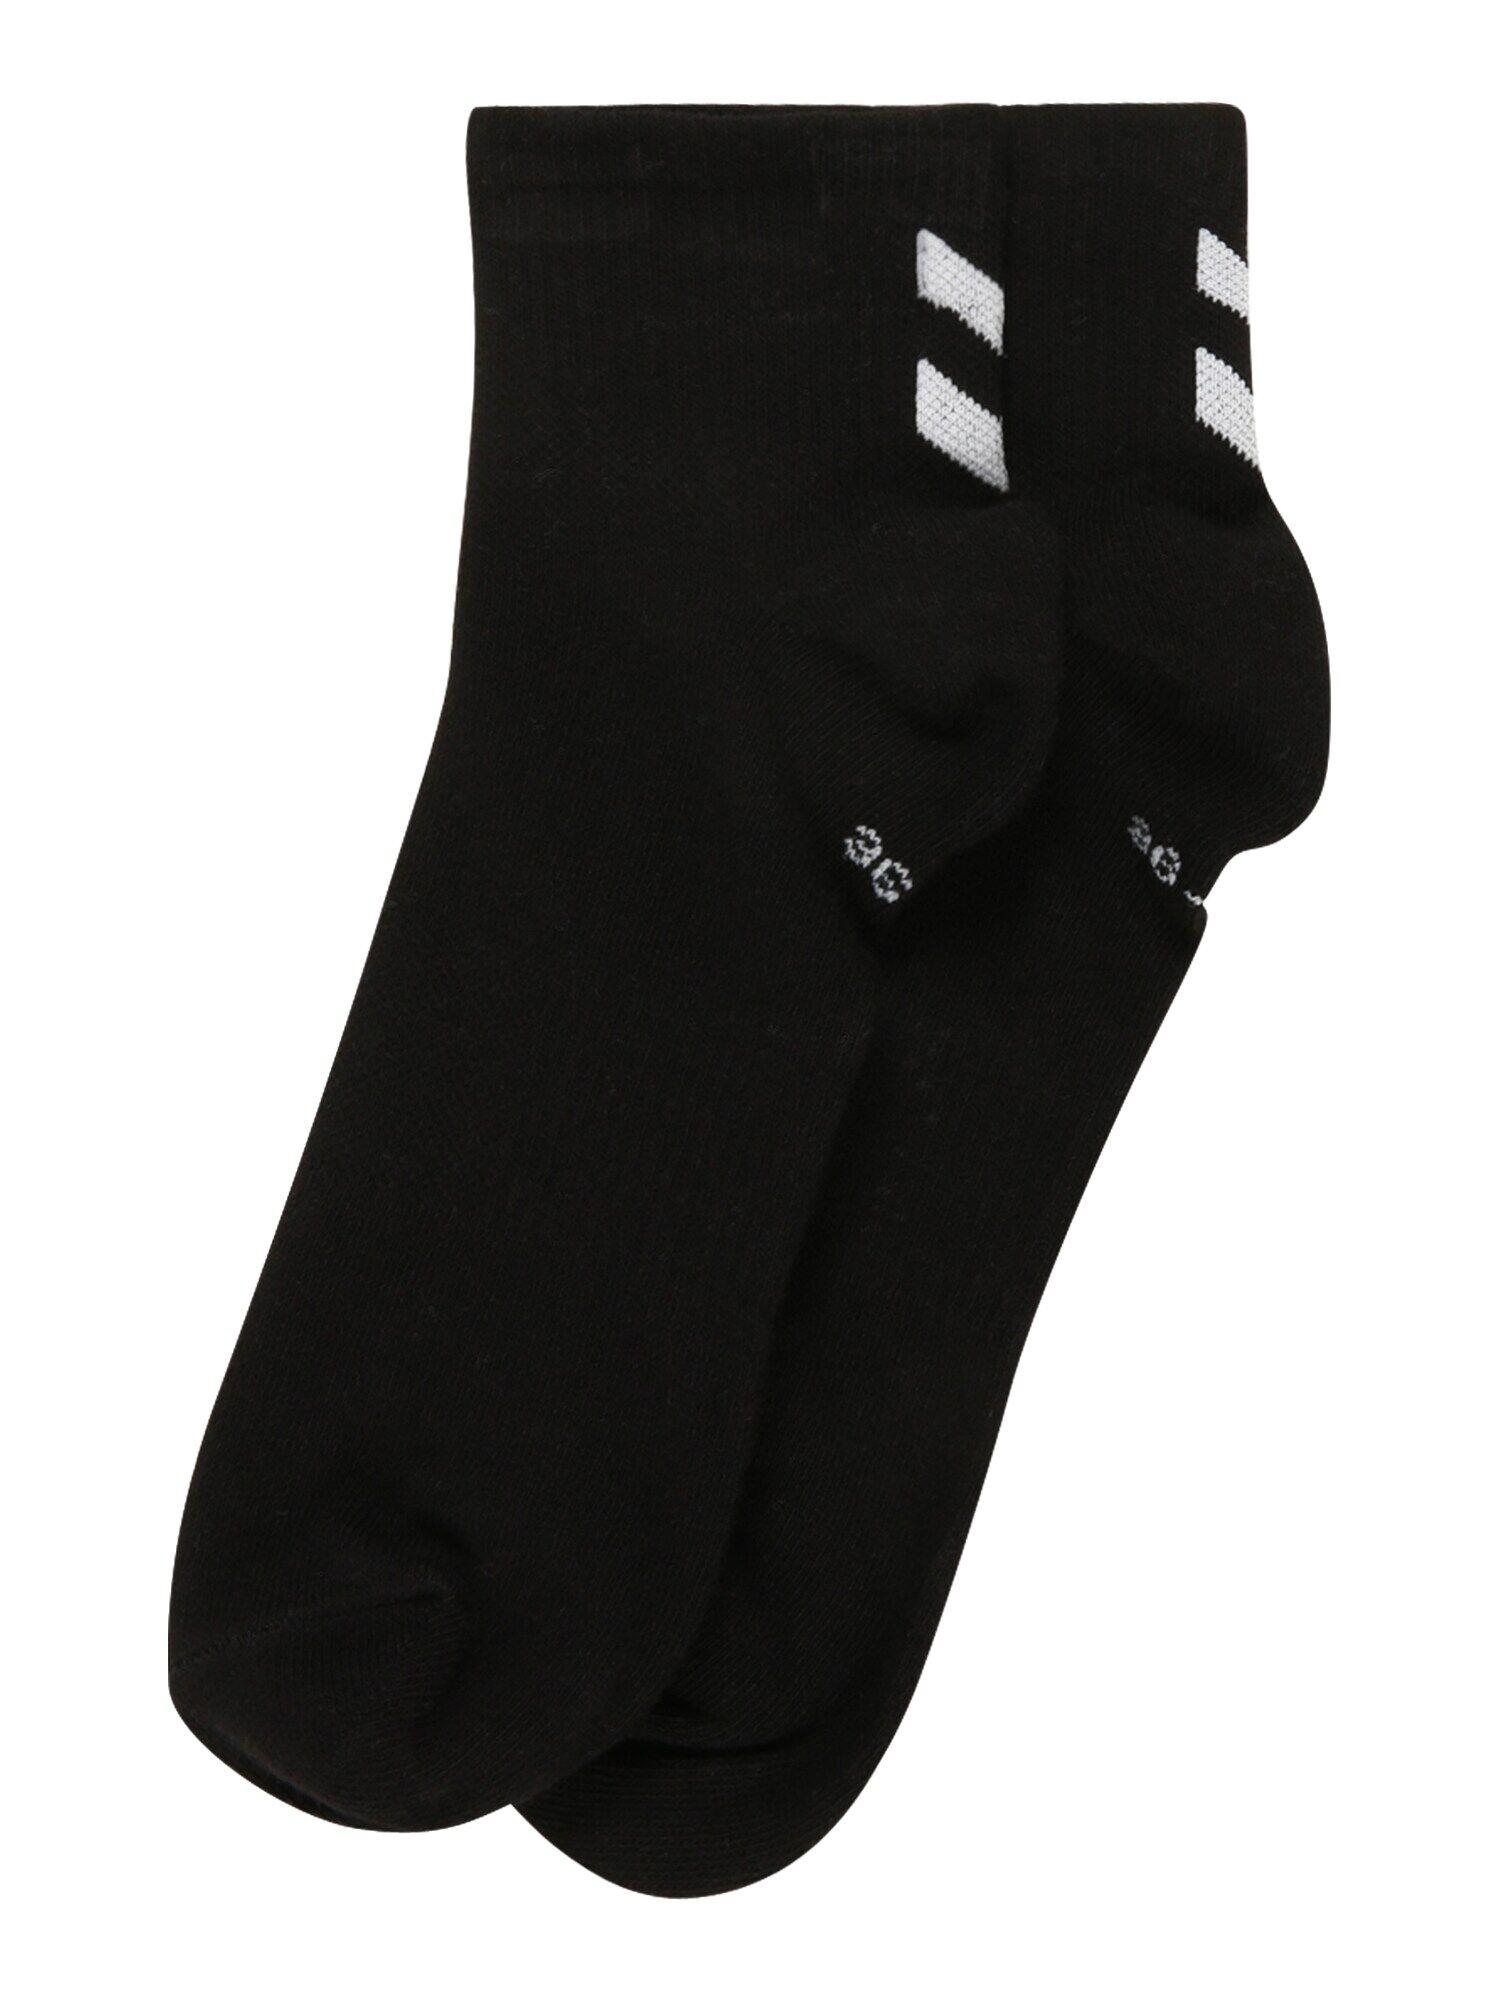 Hummel Chaussettes de sport 'CHEVRON'  - Noir - Taille: 12 - male